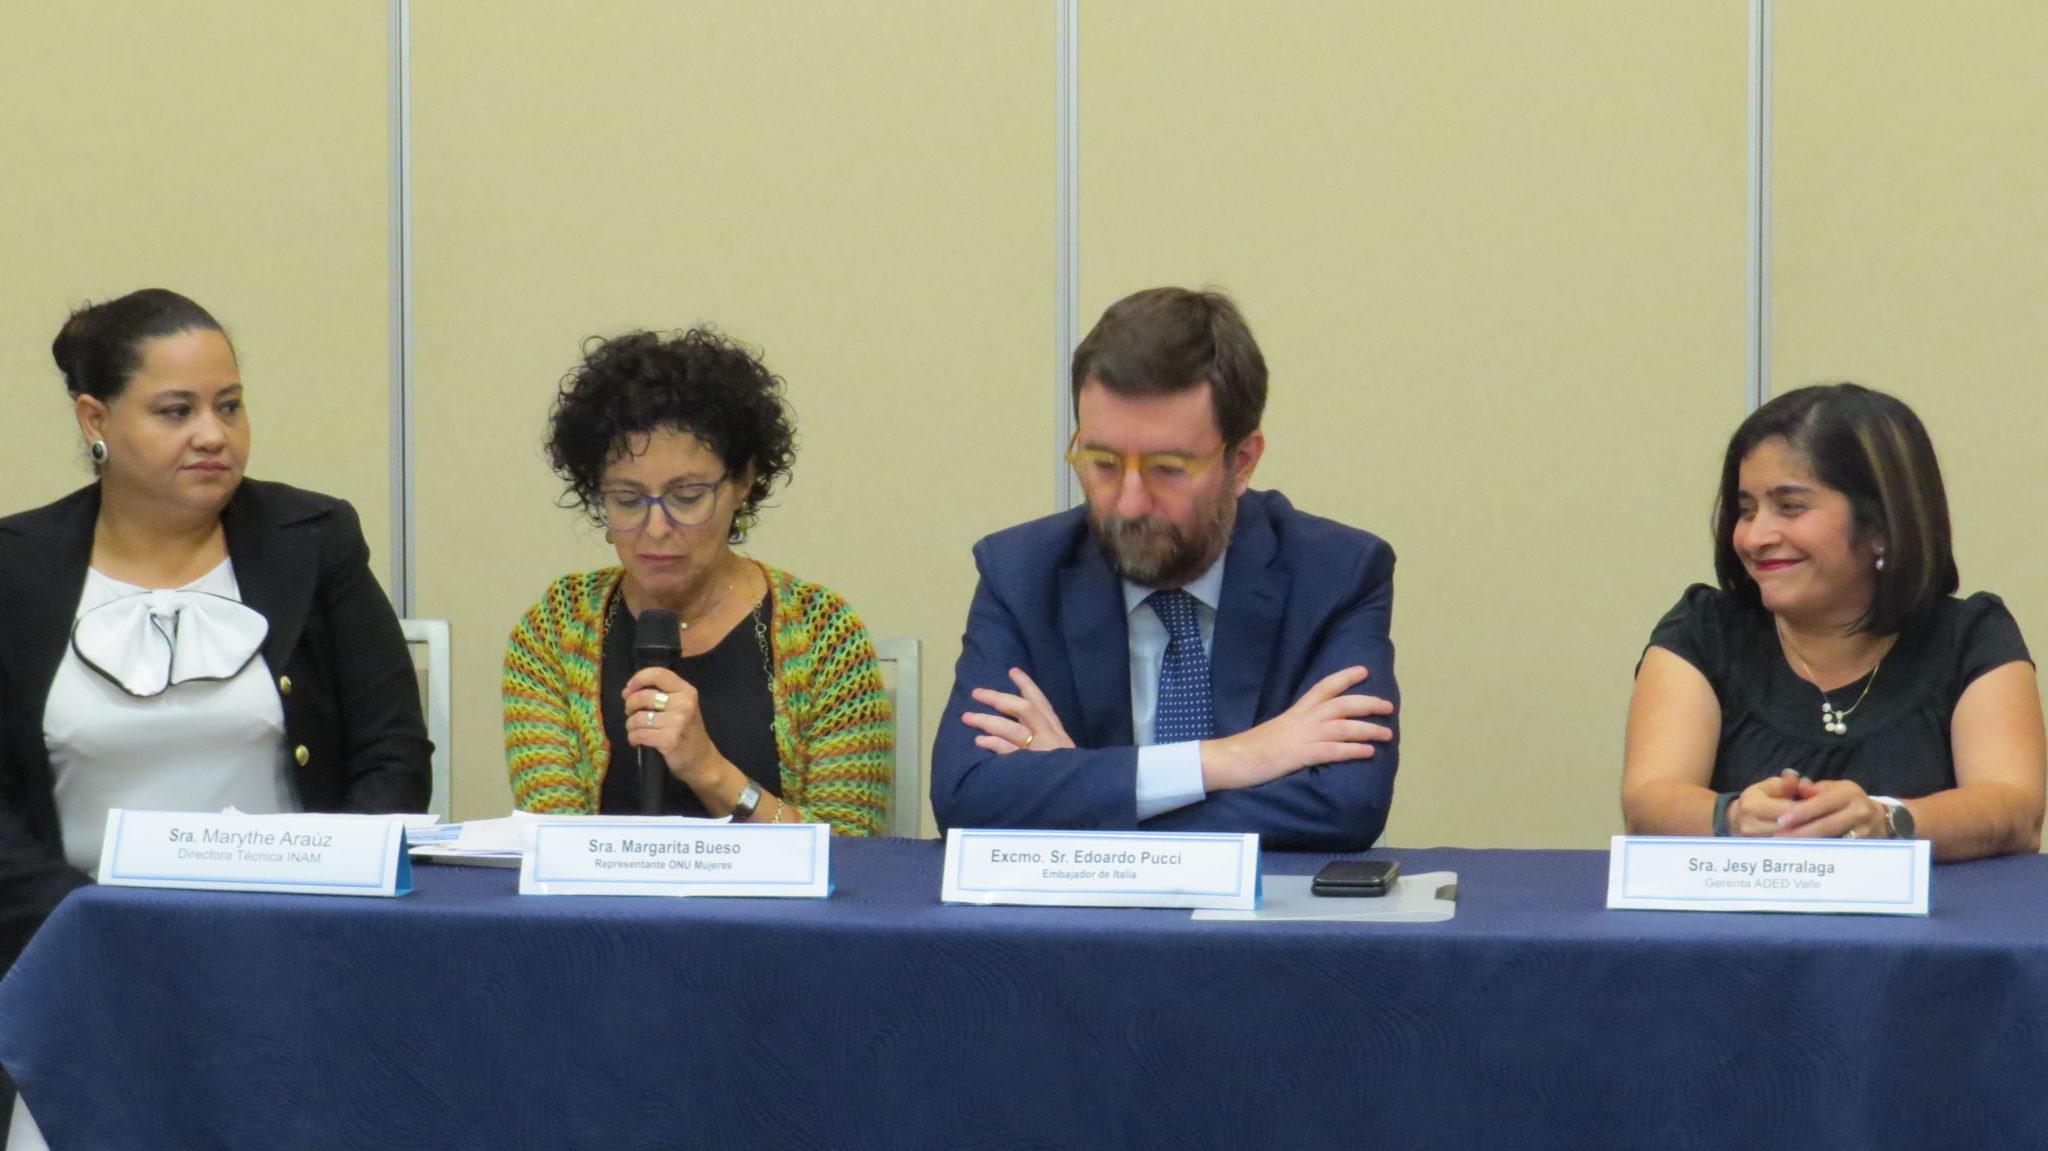 Italia y ONU Mujeres lanzan iniciativa para empoderar mujeres emprendedoras